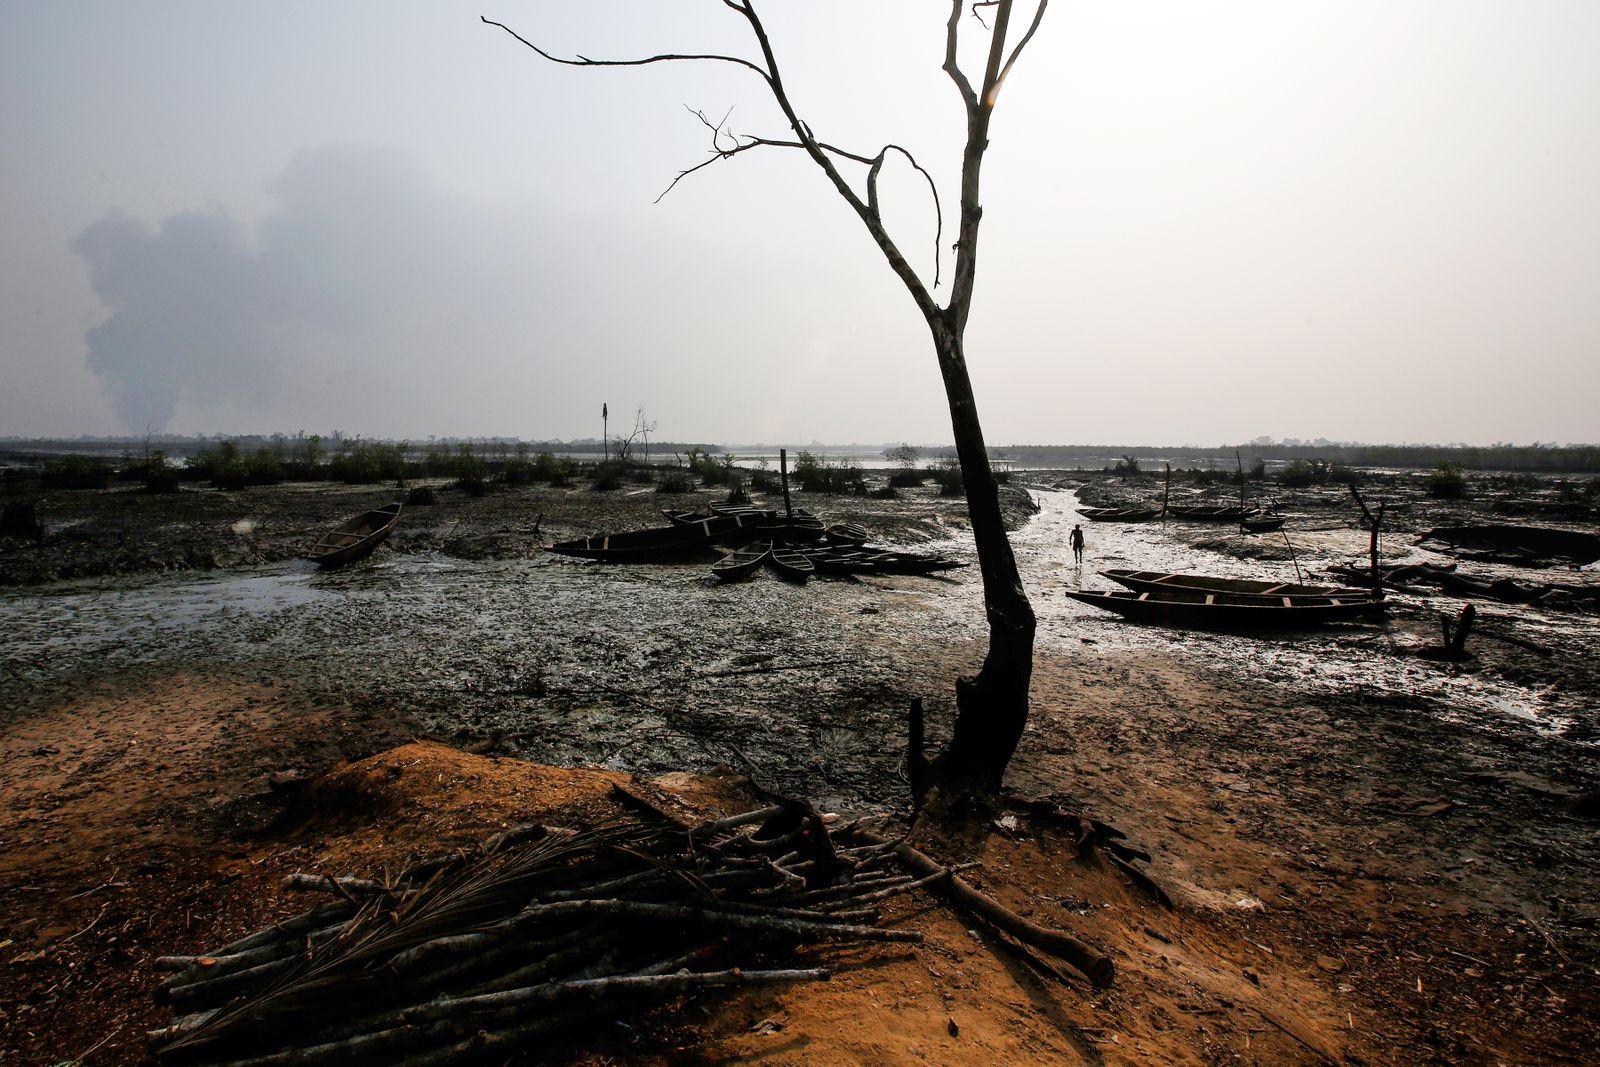 Niger Delta Oil Pollution